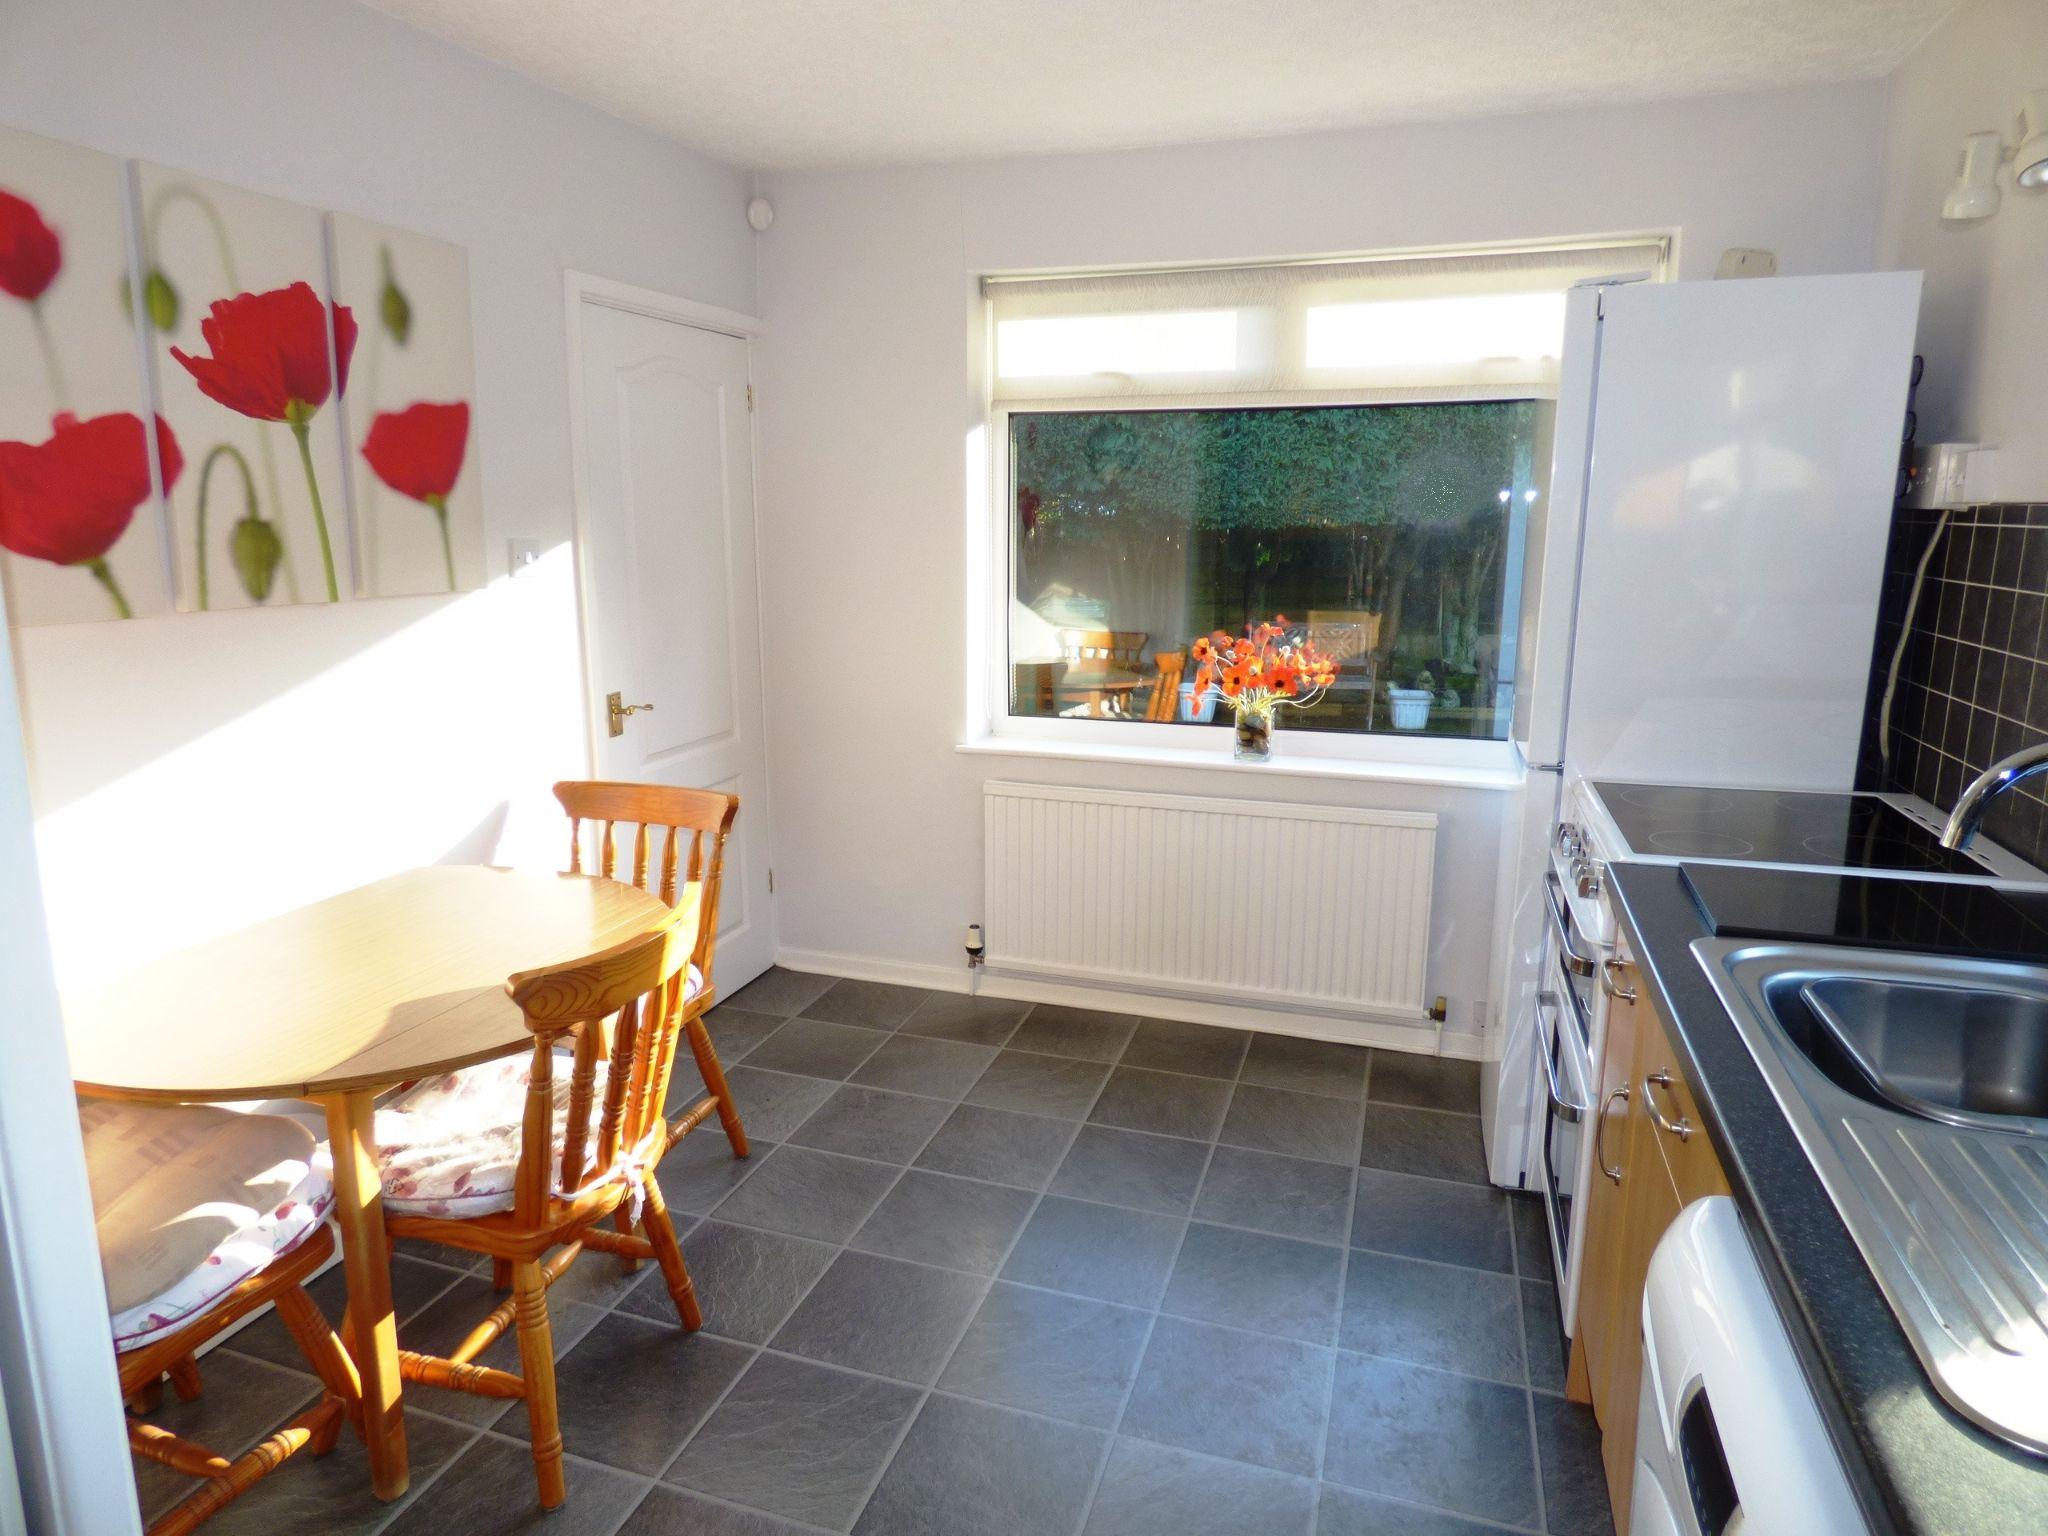 4 Bedroom Detached Bungalow For Sale - Breakfast Area